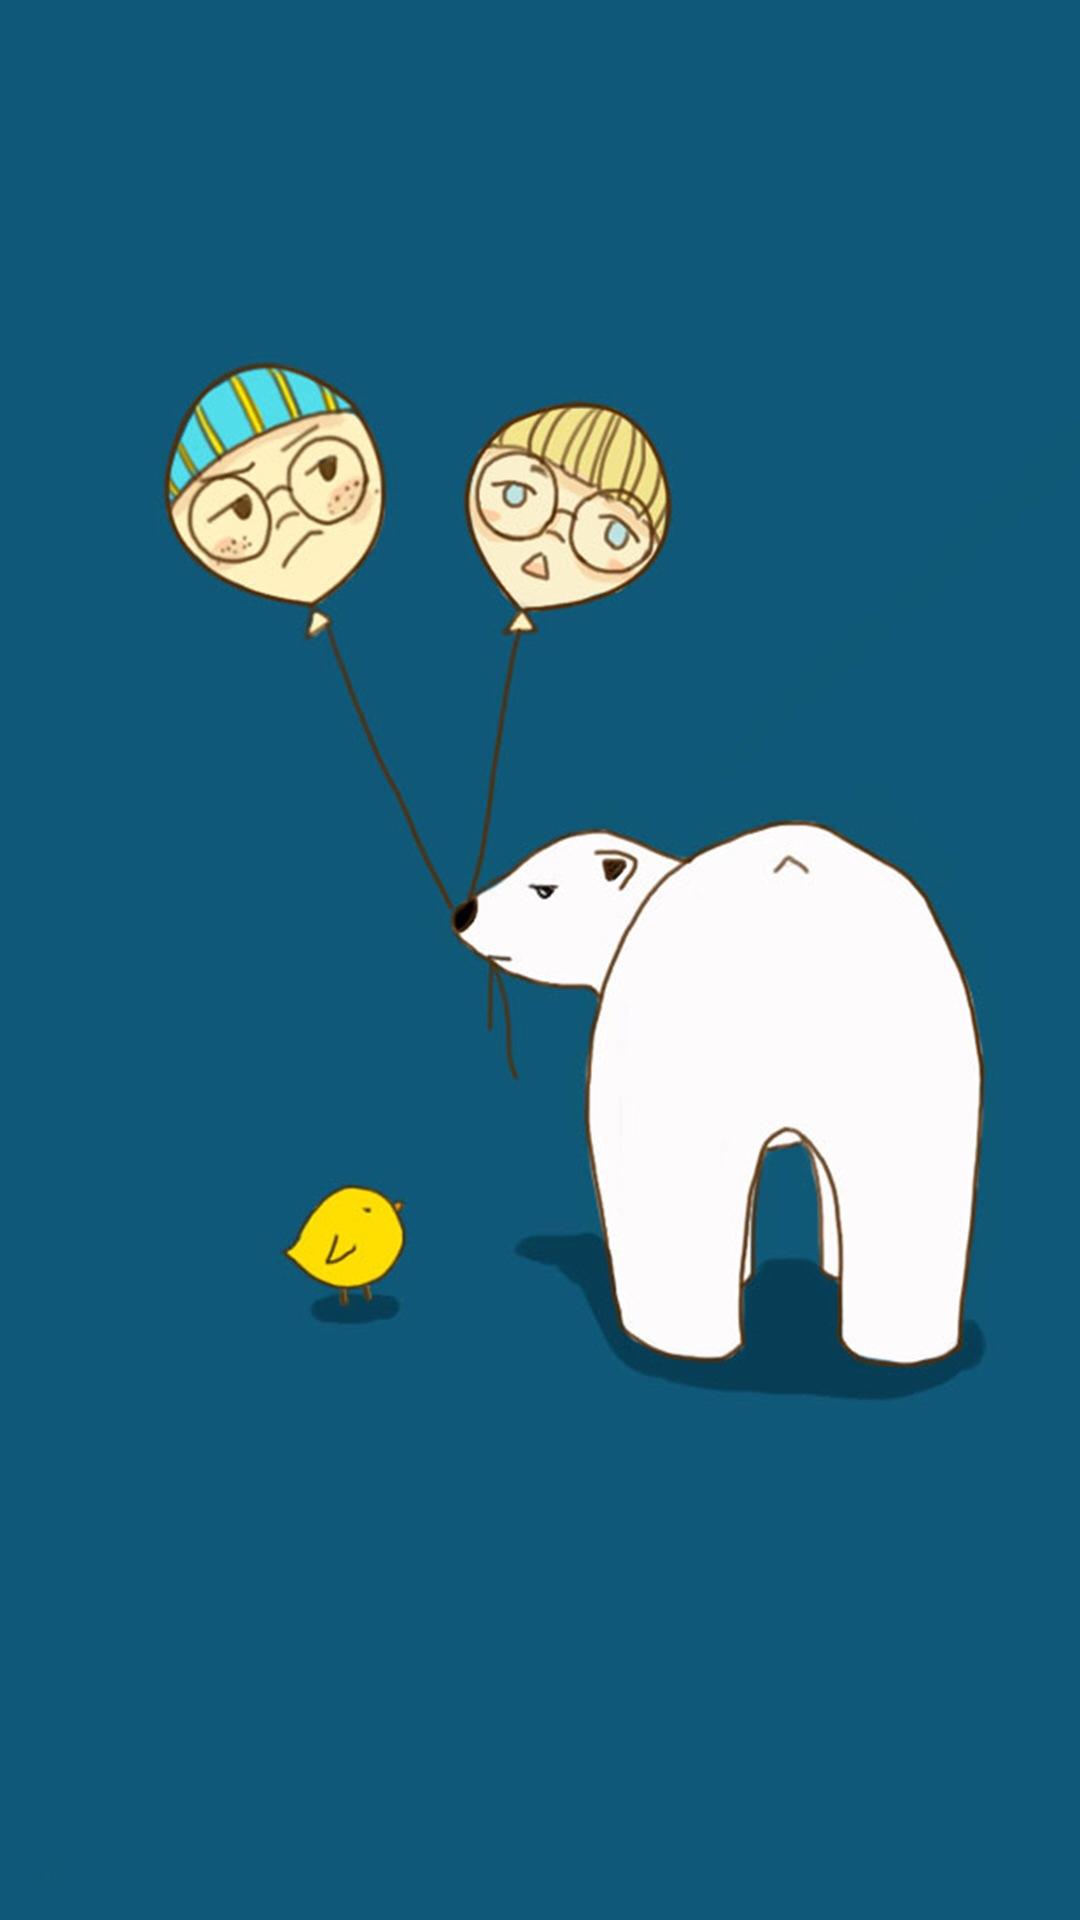 【v粉壁纸】卡通北极熊可爱高清桌面手机壁纸